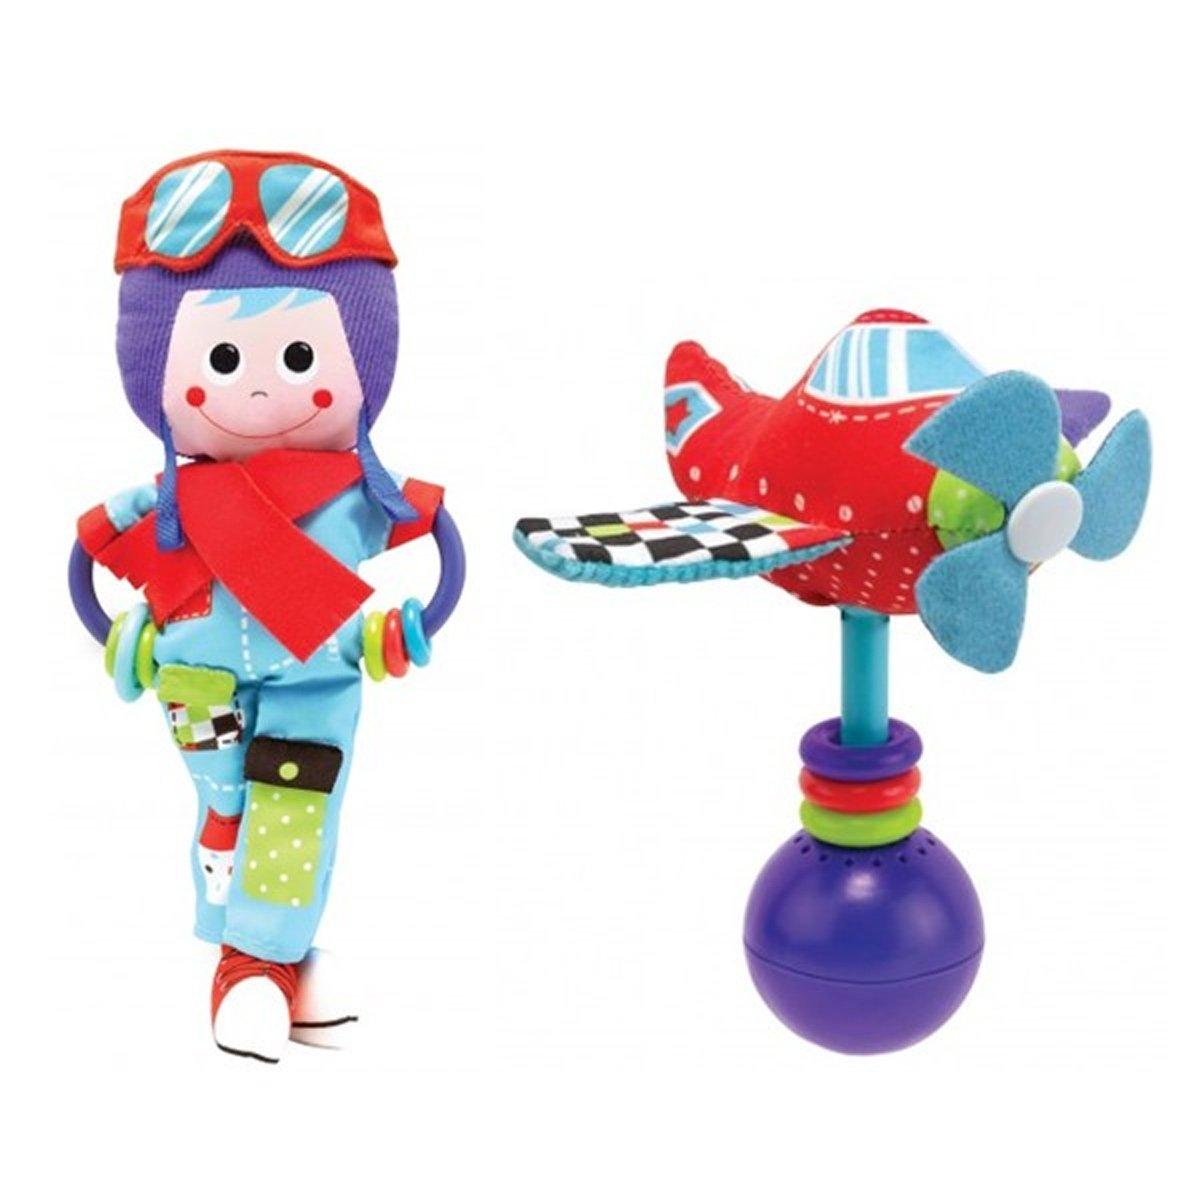 """Игрушка-погремушка Yookidoo """"Пилот"""" выполнена в ярком и красочном дизайне, который обязательно понравится малышу. Ребенок будет с удовольствием рассматривать свою первую и очень забавную игрушку. Игрушка изготовлена из материалов различной текстуры для тренировки моторики пальчиков и развития тактильных ощущений. К """"Пилоту"""" крепится прорезыватель с разноцветными колечками, который непременно понадобится для чещушихся зубиков крохи. В комплект также входит музыкальная погремушка """"Вертолет"""", при встряхивании которой звучат смешные звуки. Крылья вертолета и очки пилота шуршат при прикосновении. При необходимости, игрушки можно подвесить в коляску или кроватку, используя пластиковые кольца, входящие в комплект. С такой игрушкой малыш разовьет моторику рук, тактильные ощущения, слуховое восприятие. Рекомендуется докупить 3 батарейки напряжением 1,5V типа LR44 (товар комплектуется демонстрационными)."""